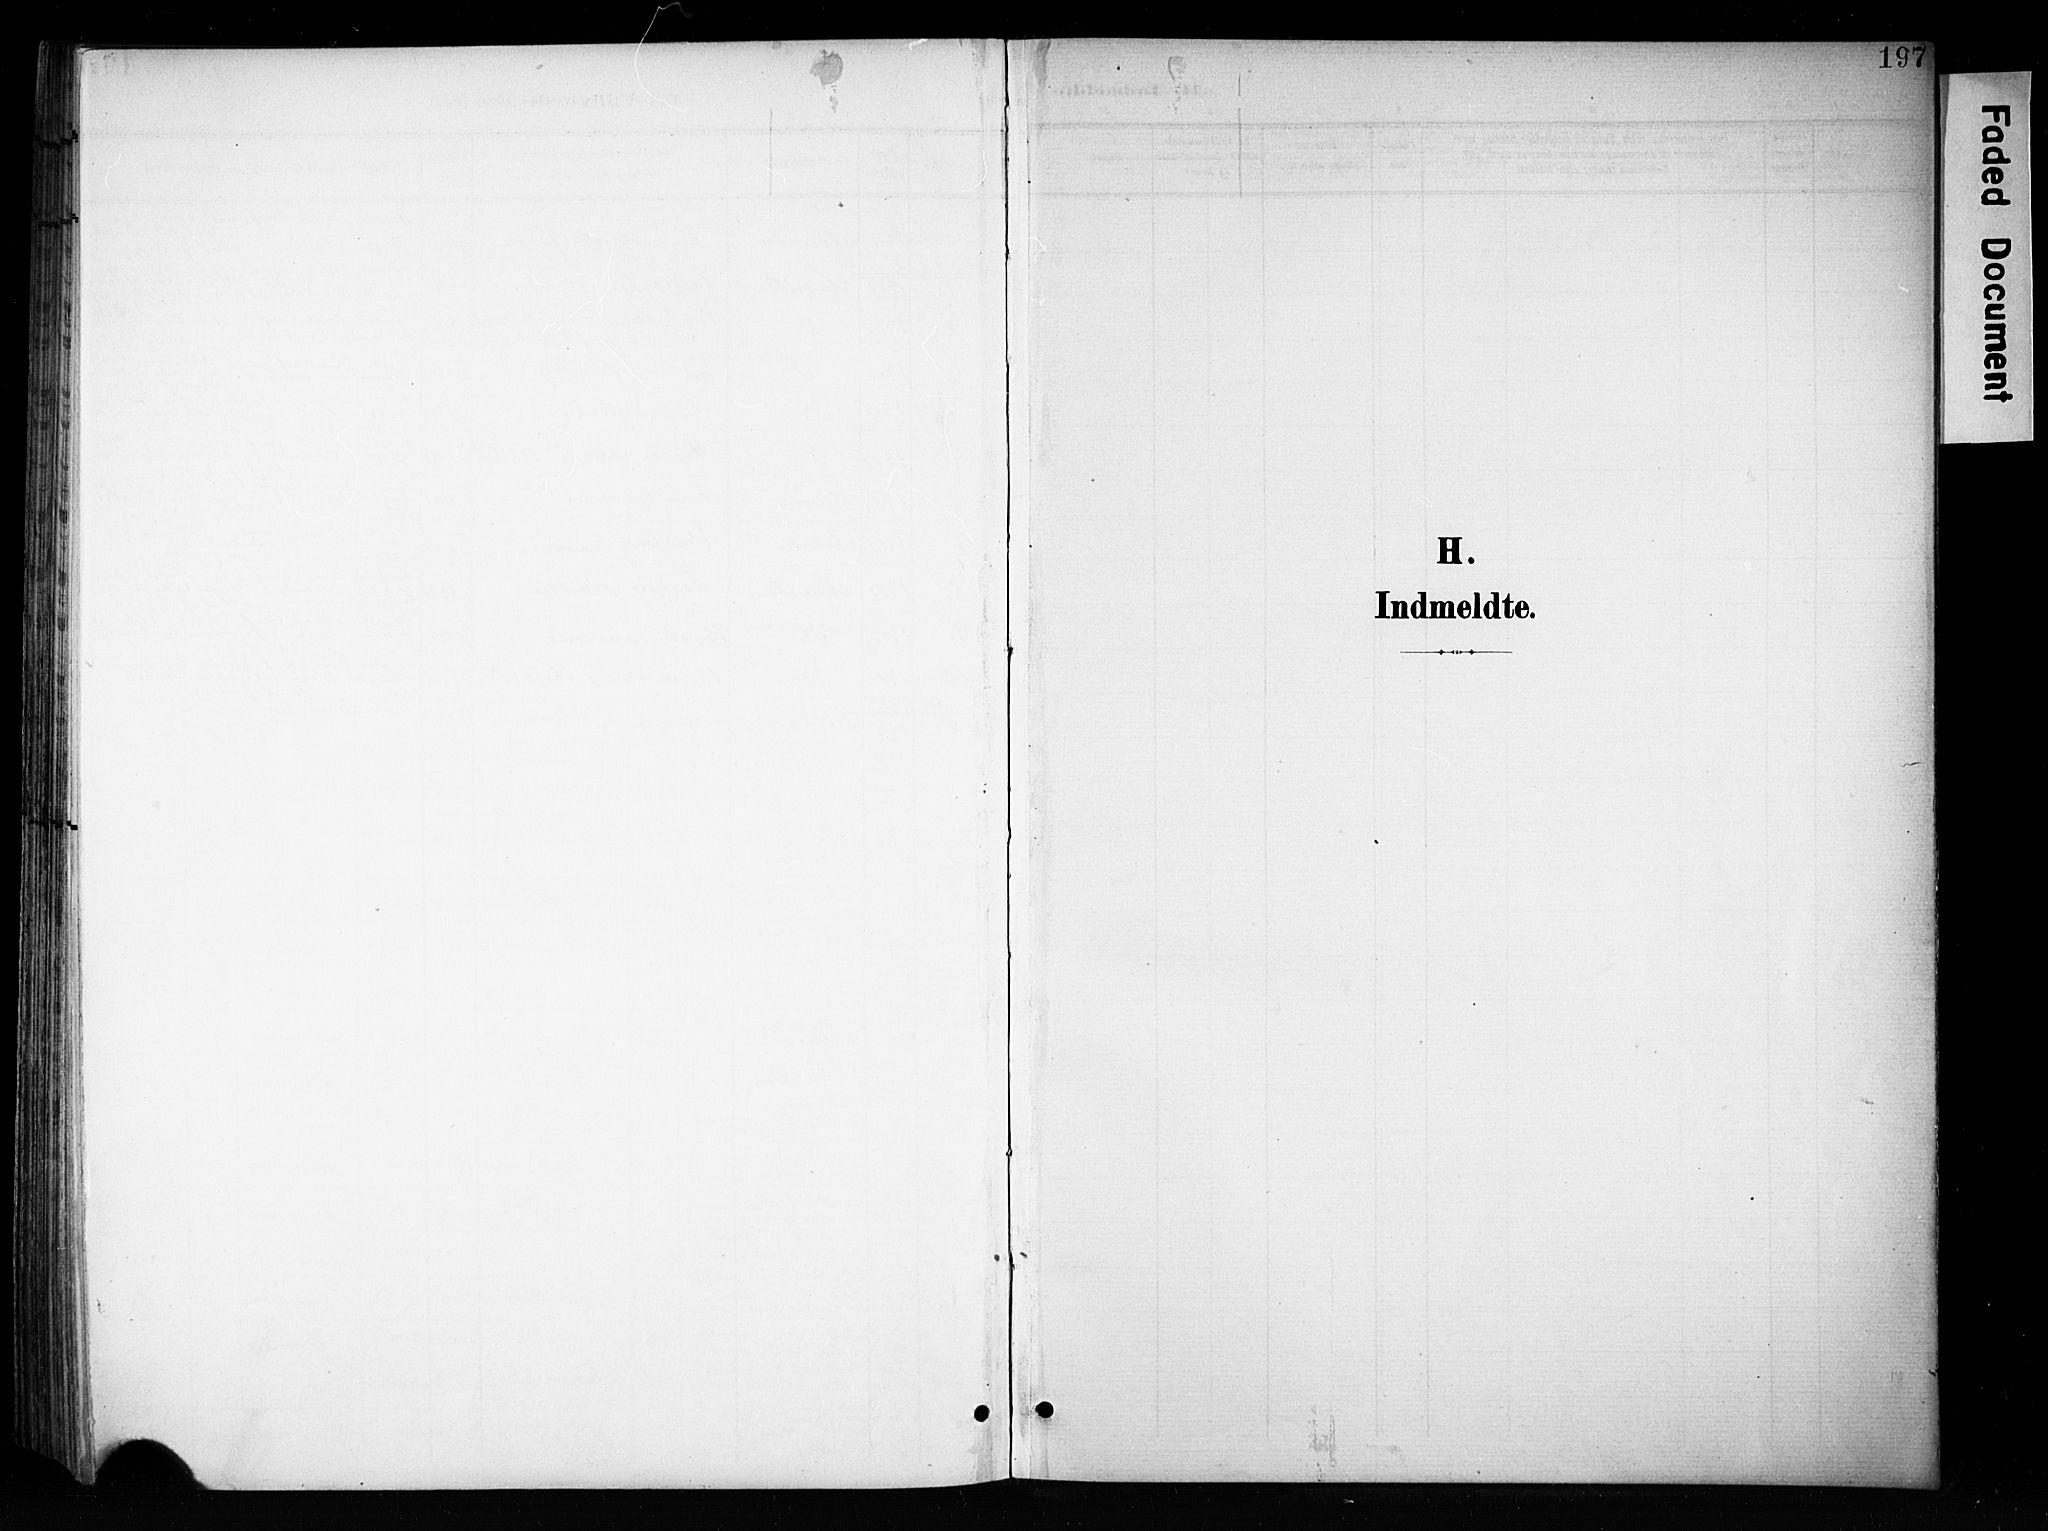 SAH, Brandbu prestekontor, Ministerialbok nr. 1, 1900-1912, s. 197